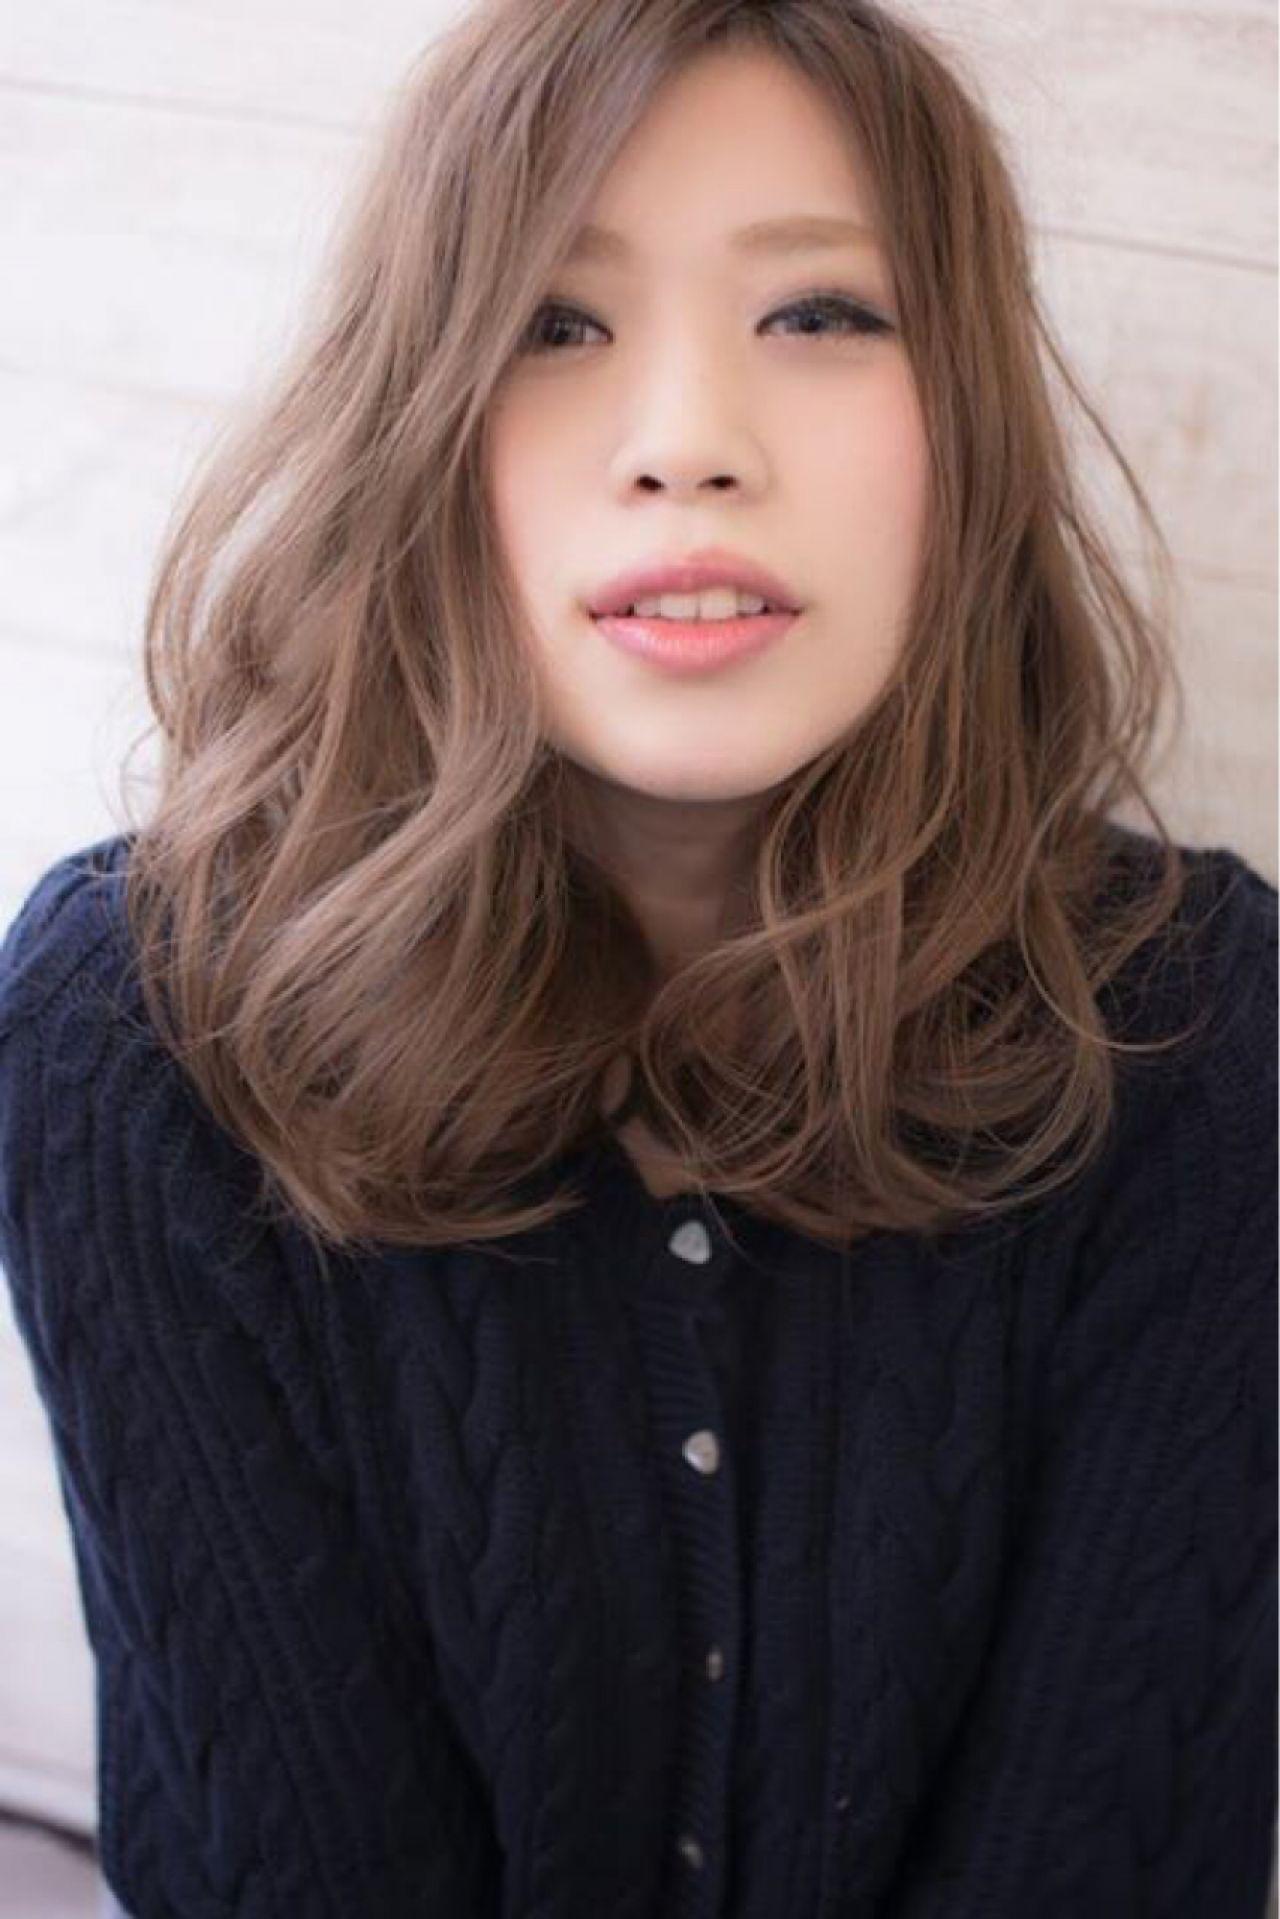 ゆるふわ ウェーブ ミディアム 秋 ヘアスタイルや髪型の写真・画像 | 田渕 英和/vicushair / vicushair